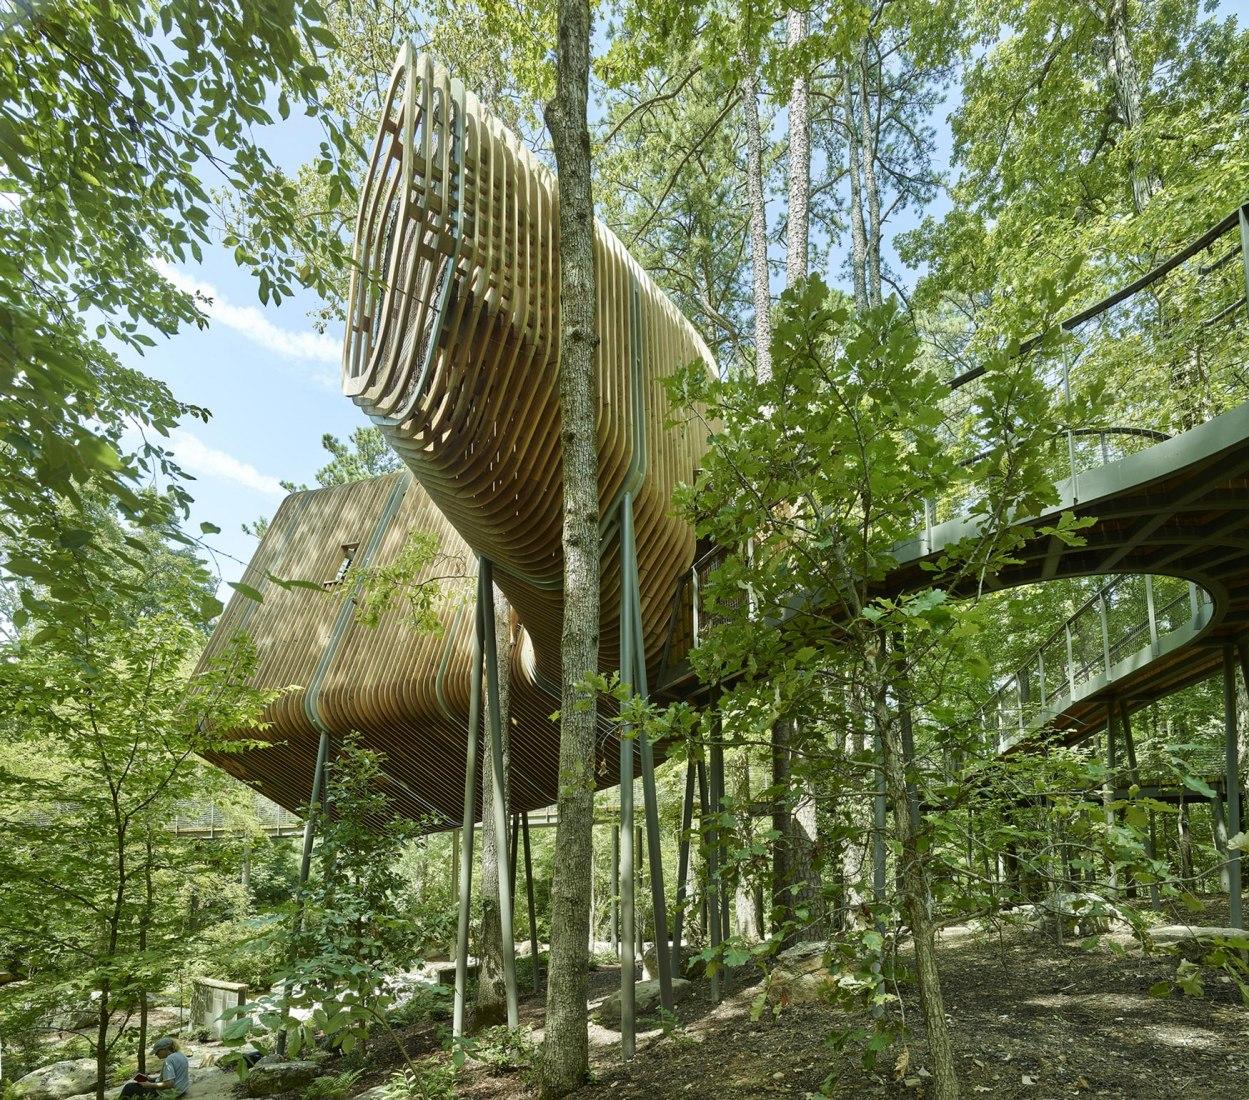 La Casa del Árbol Evans en el Bosque de los Jardines de Garvan por modus studio y la Universidad de Arkansas. Fotografía por Timothy Hursley.